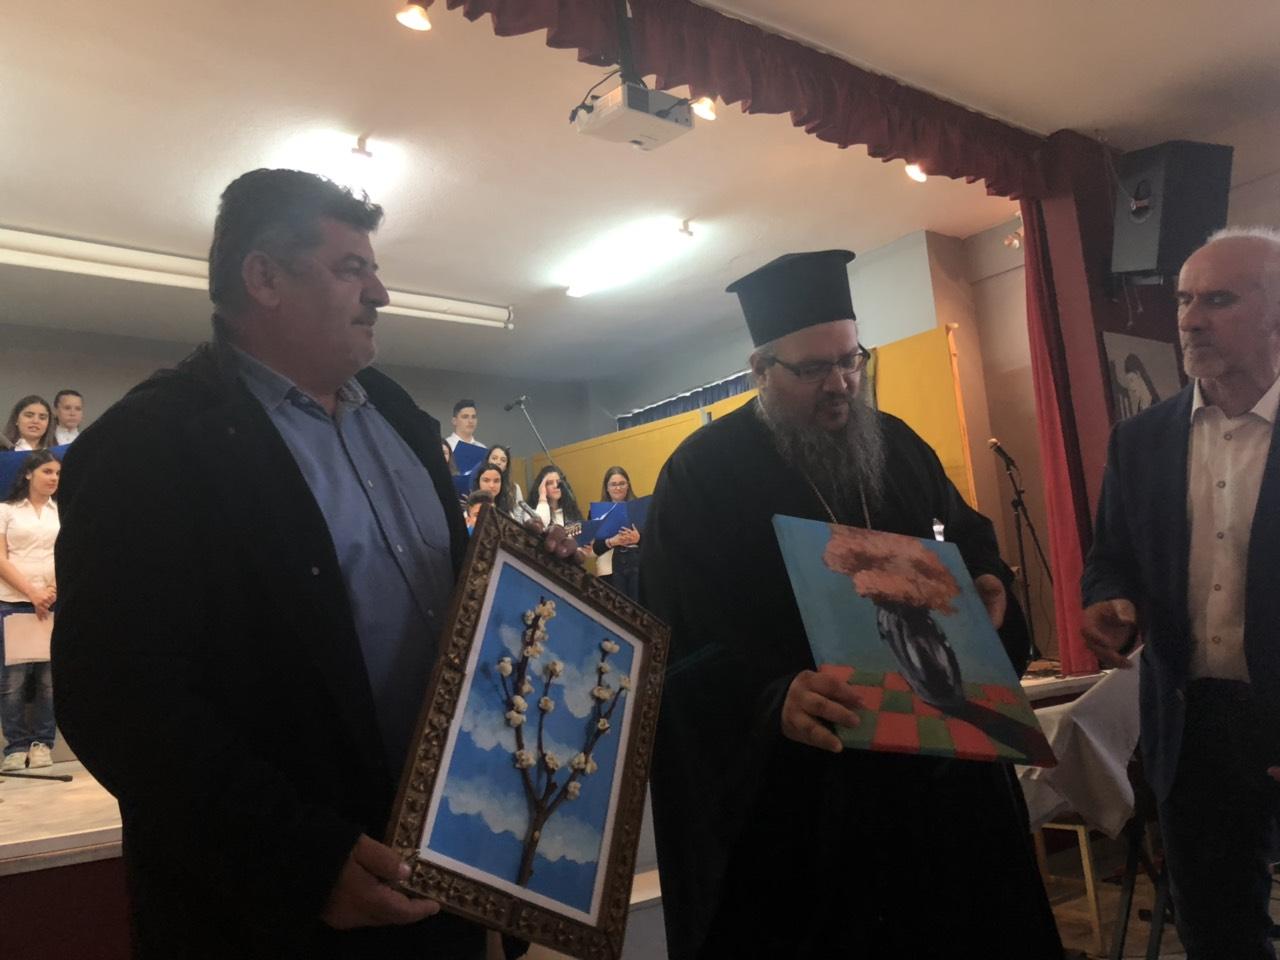 gymnasio ampelona 8 - Ο Σεβασμιώτατος επισκέφθηκε το Γυμνάσιο Αμπελώνα (φωτο)